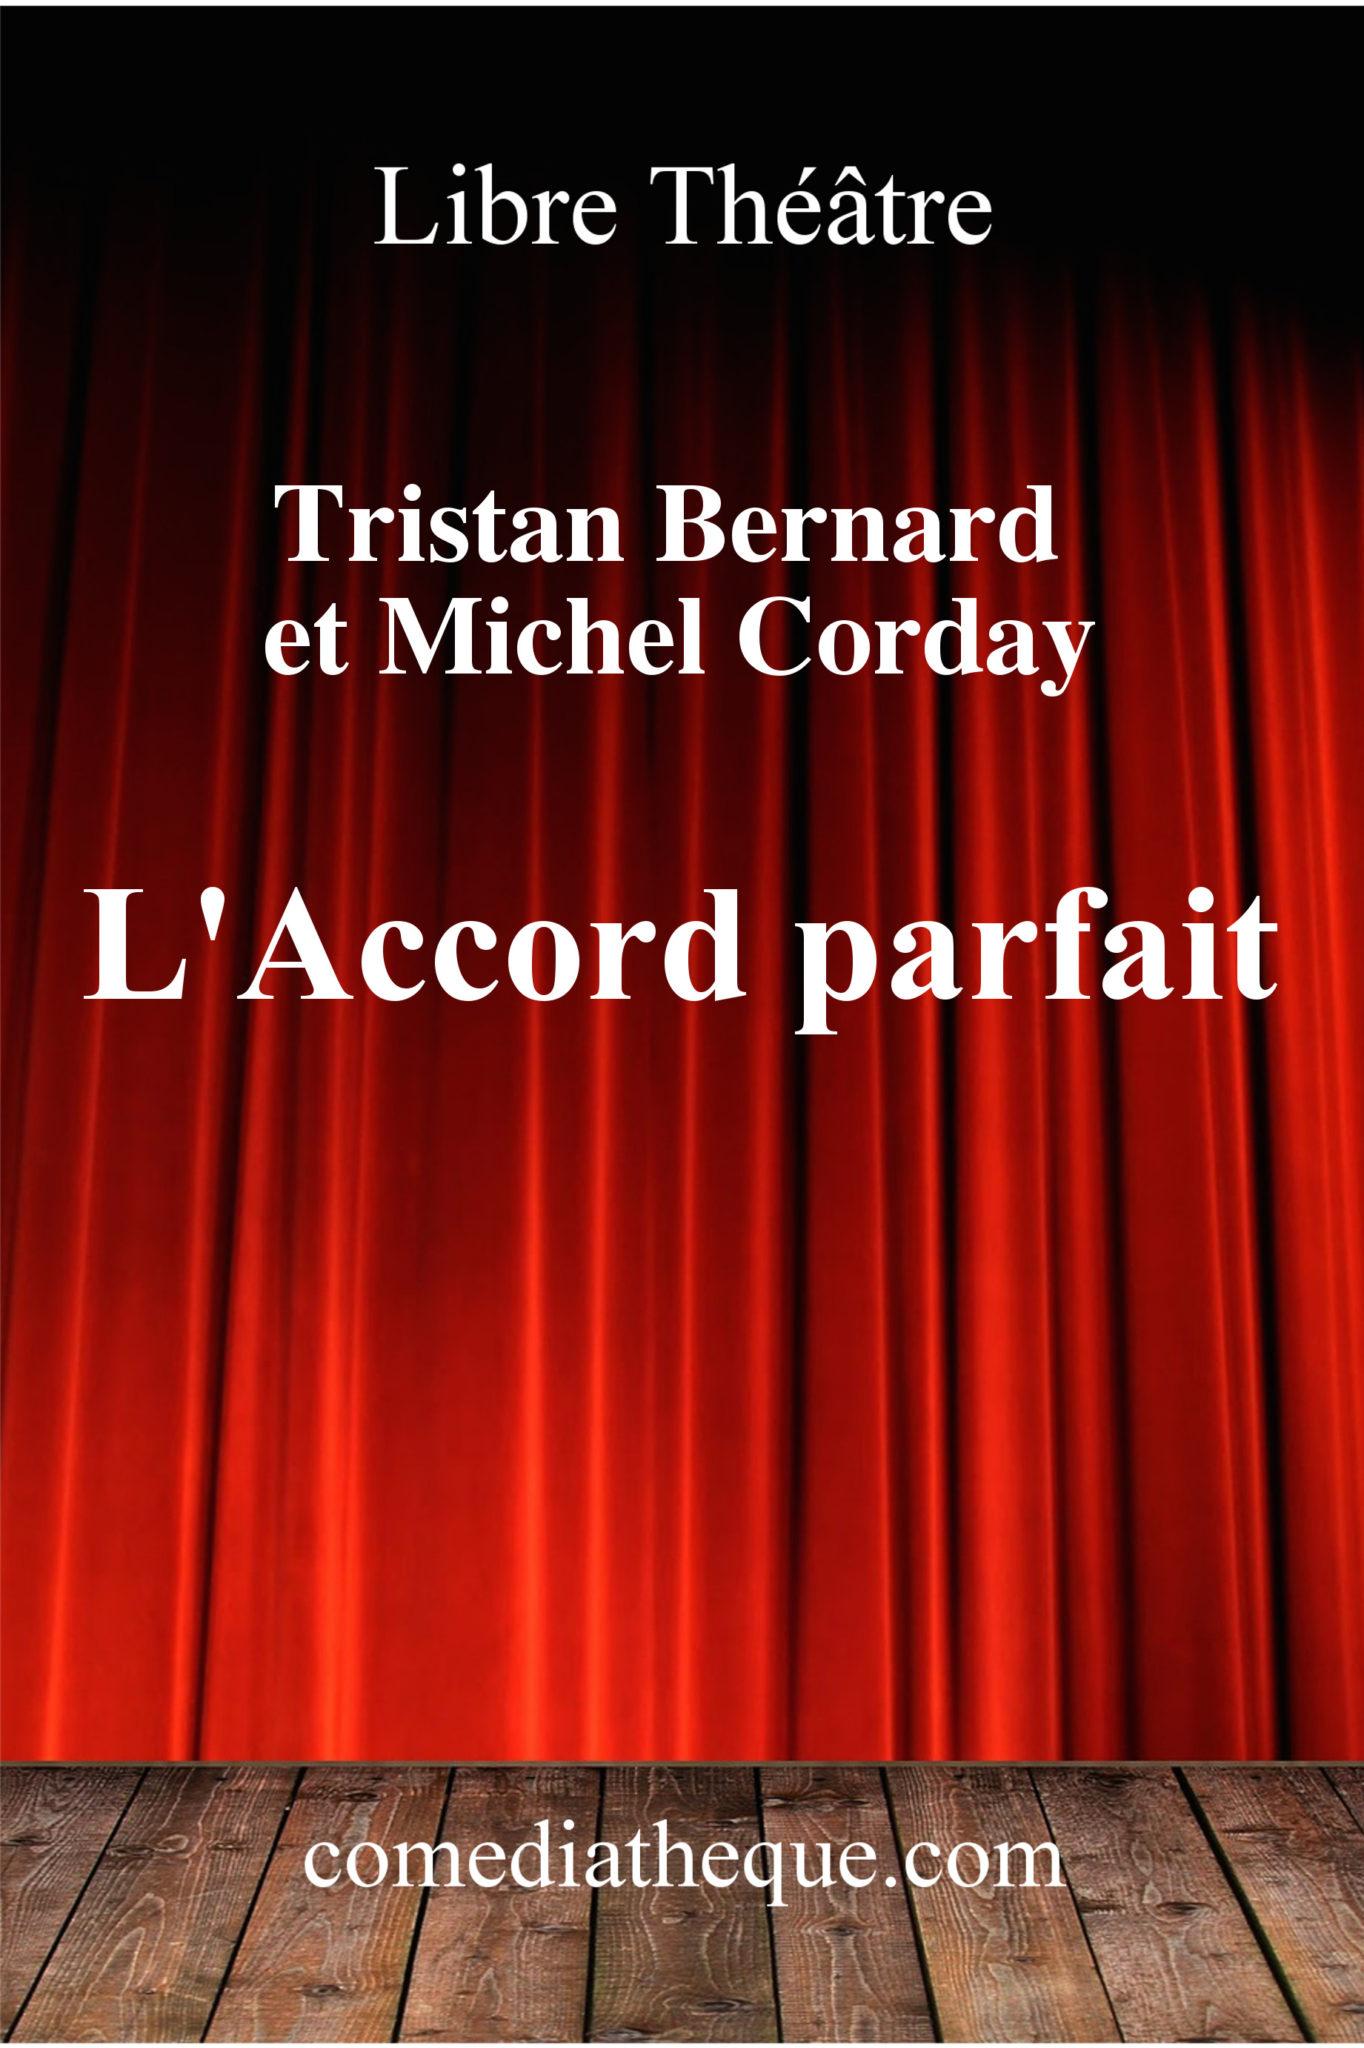 L'Accord parfait de Tristan Bernard et Michel Corday – Edition